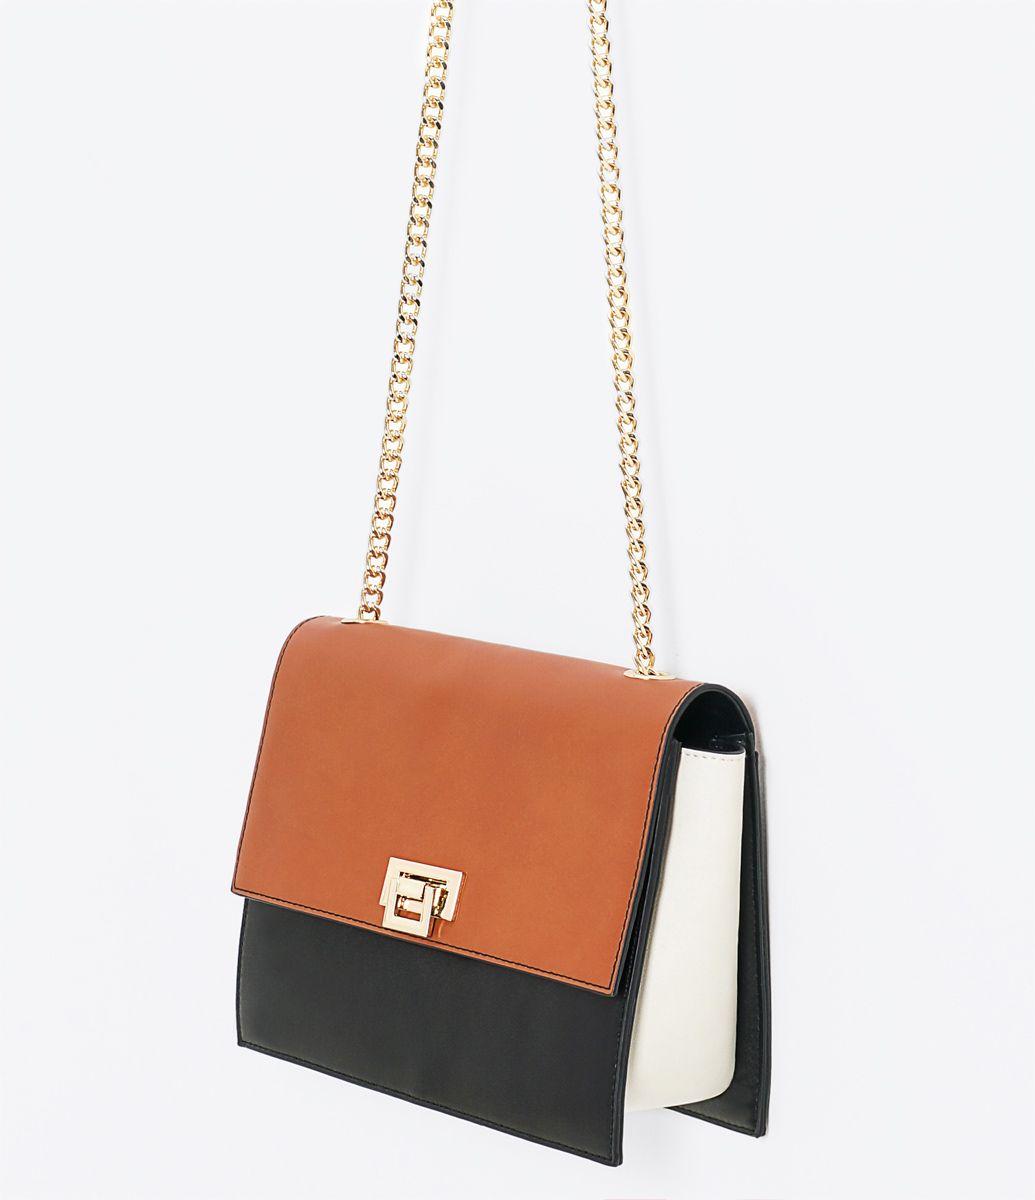 5d6ff5d96 Bolsa feminina Modelo transversal Com alça de corrente Marca: Satinato  Material: sintético Composição: